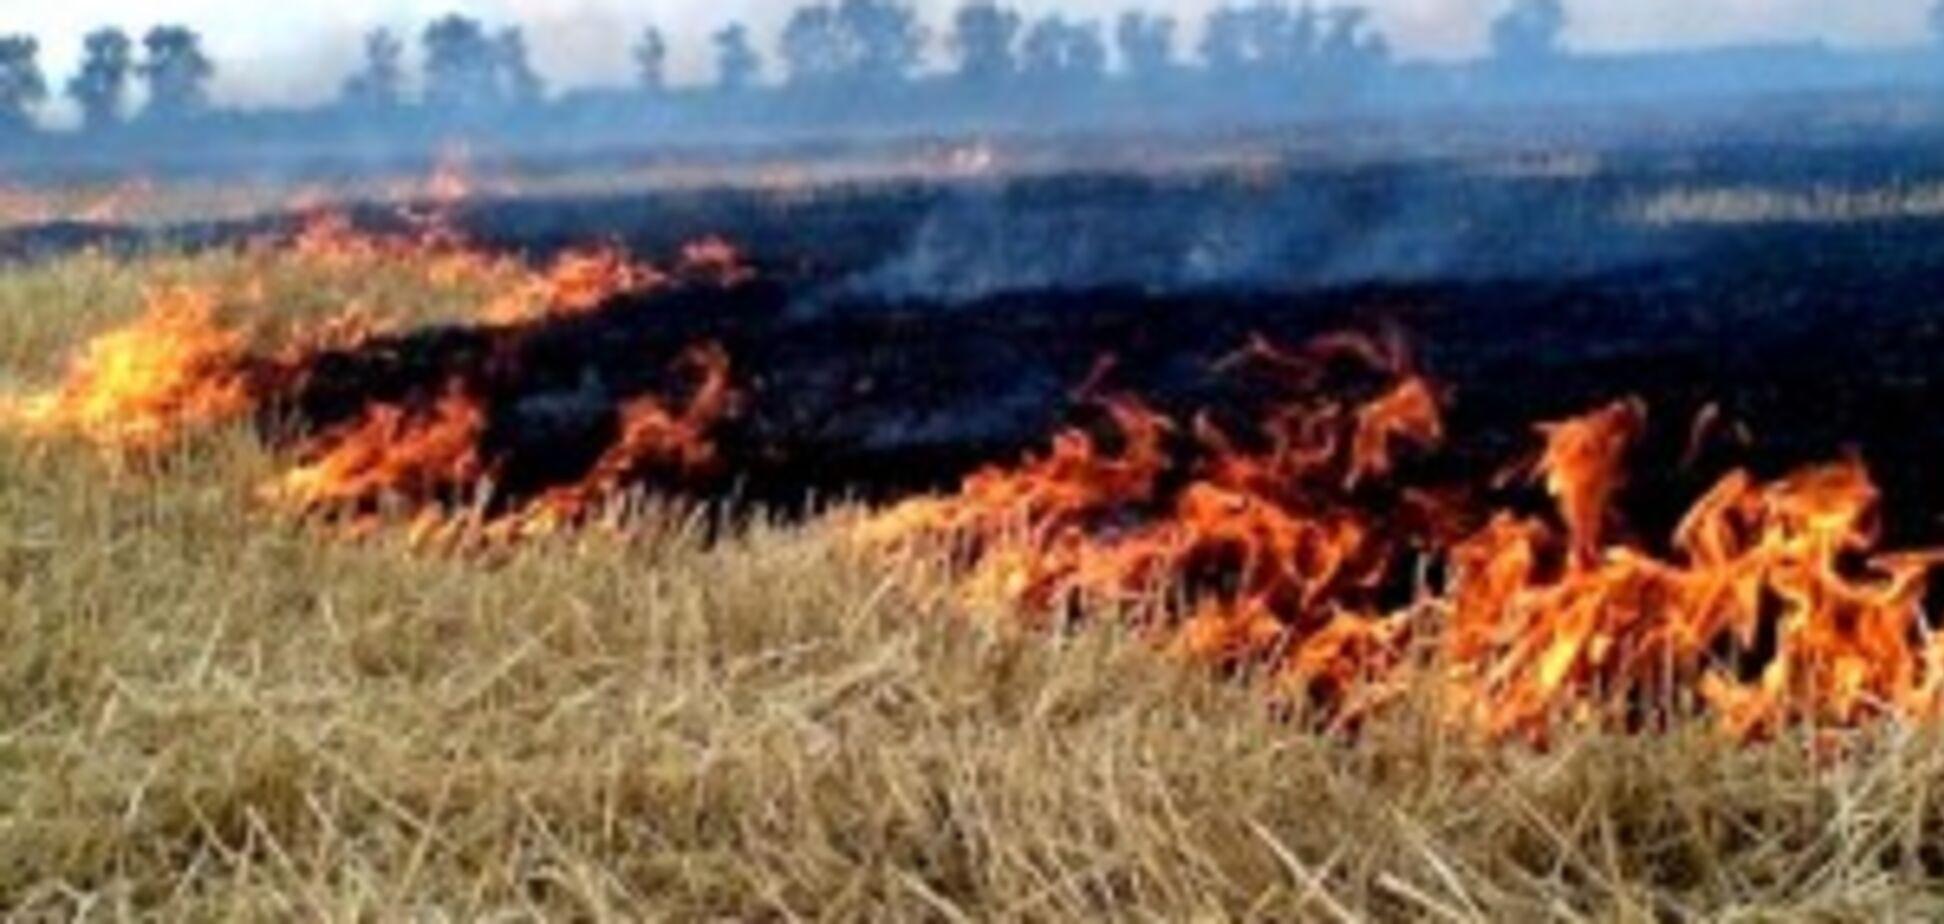 Вибухи і пожежа на військових складах у Маріуполі: озвучена головна версія